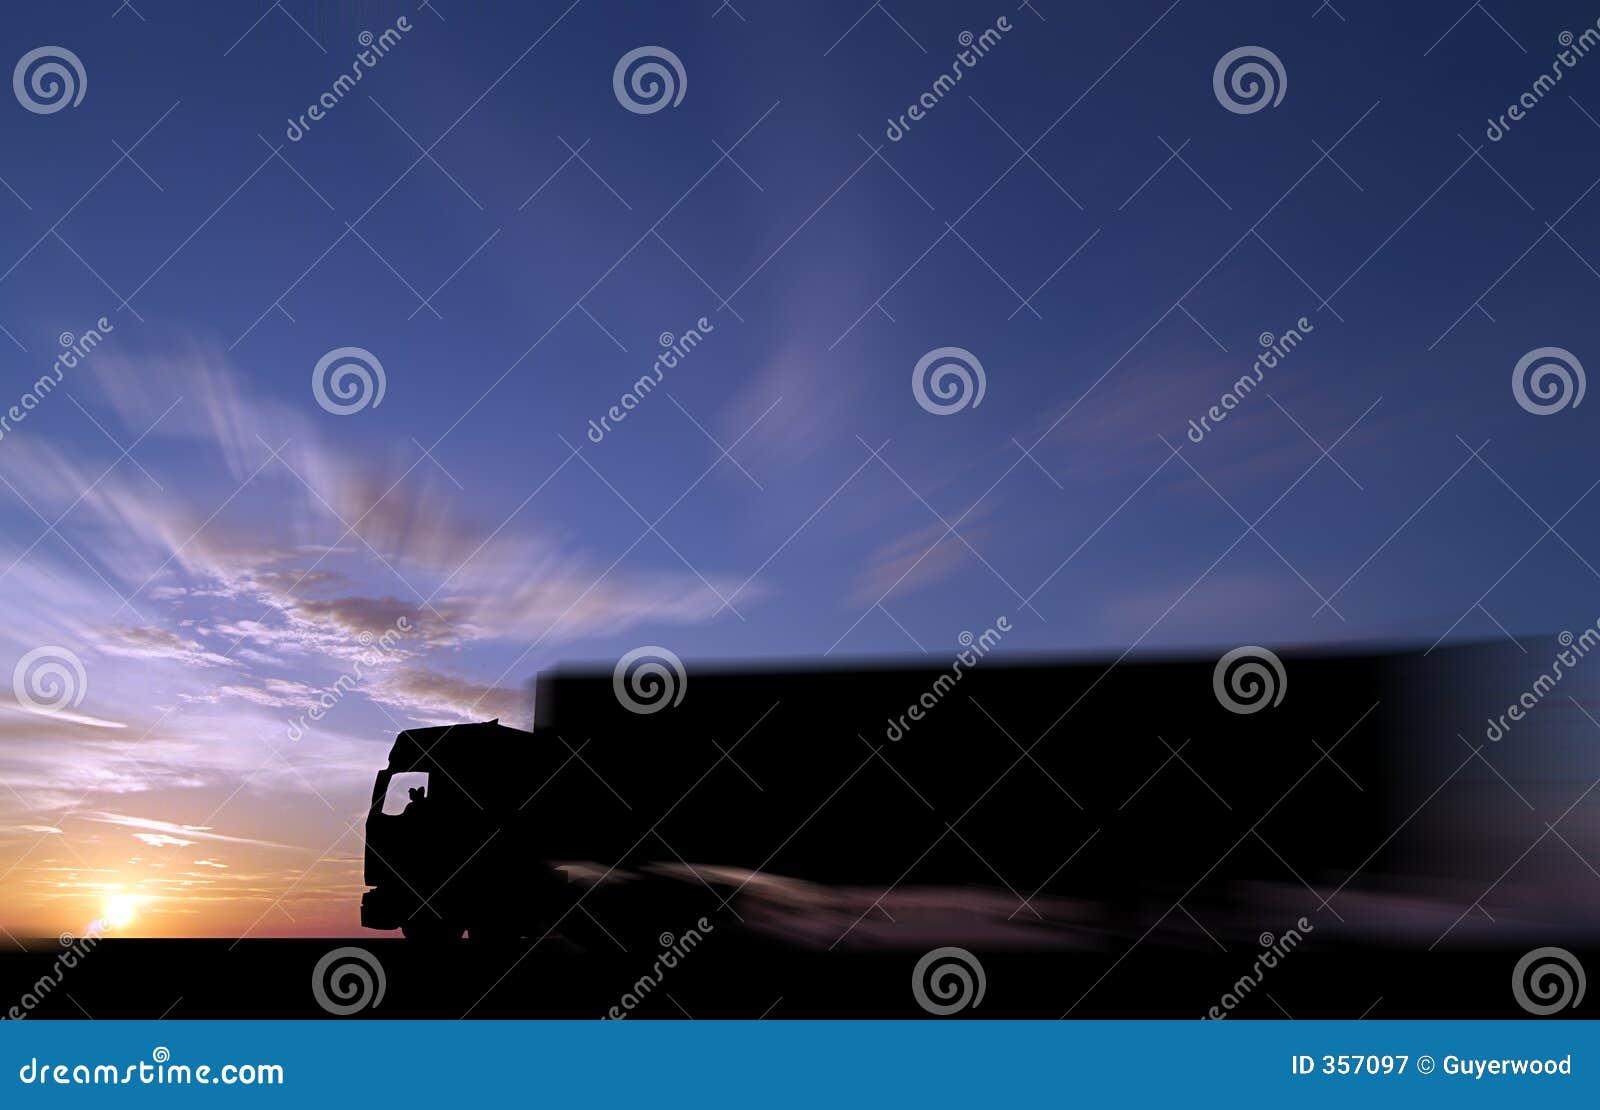 Mantenha no transporte por caminhão